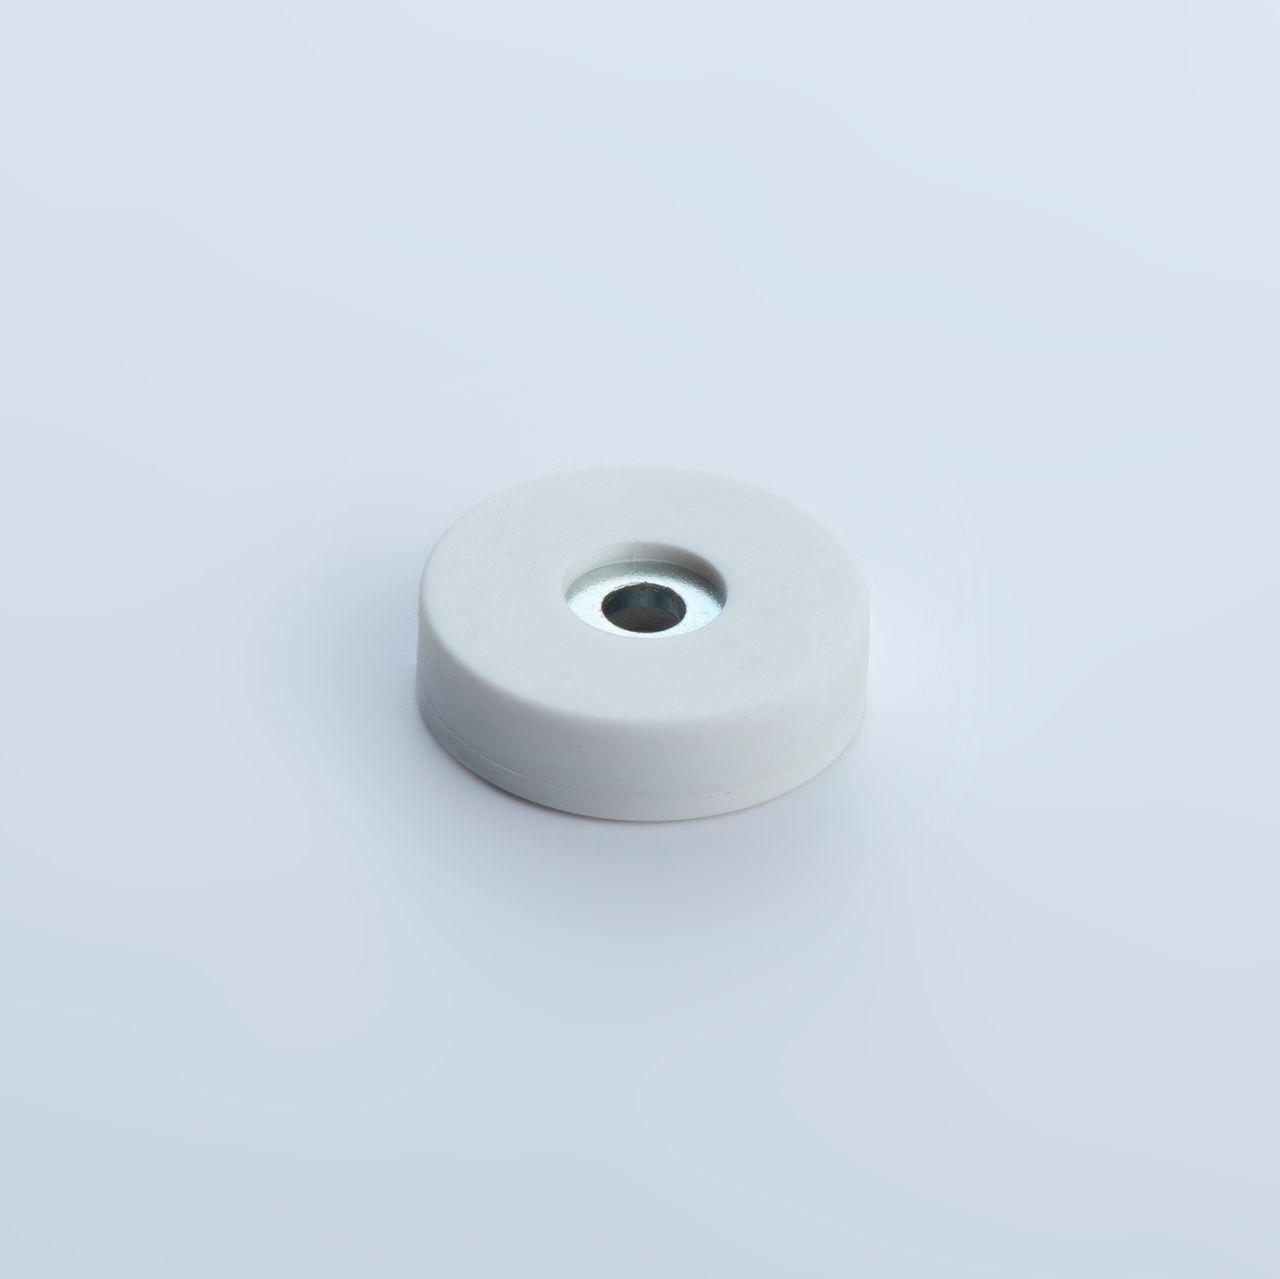 Flachgreifer aus Neodym mit Zylinderbohrung, weiß gummiert, thyssenkrupp Magnettechnik